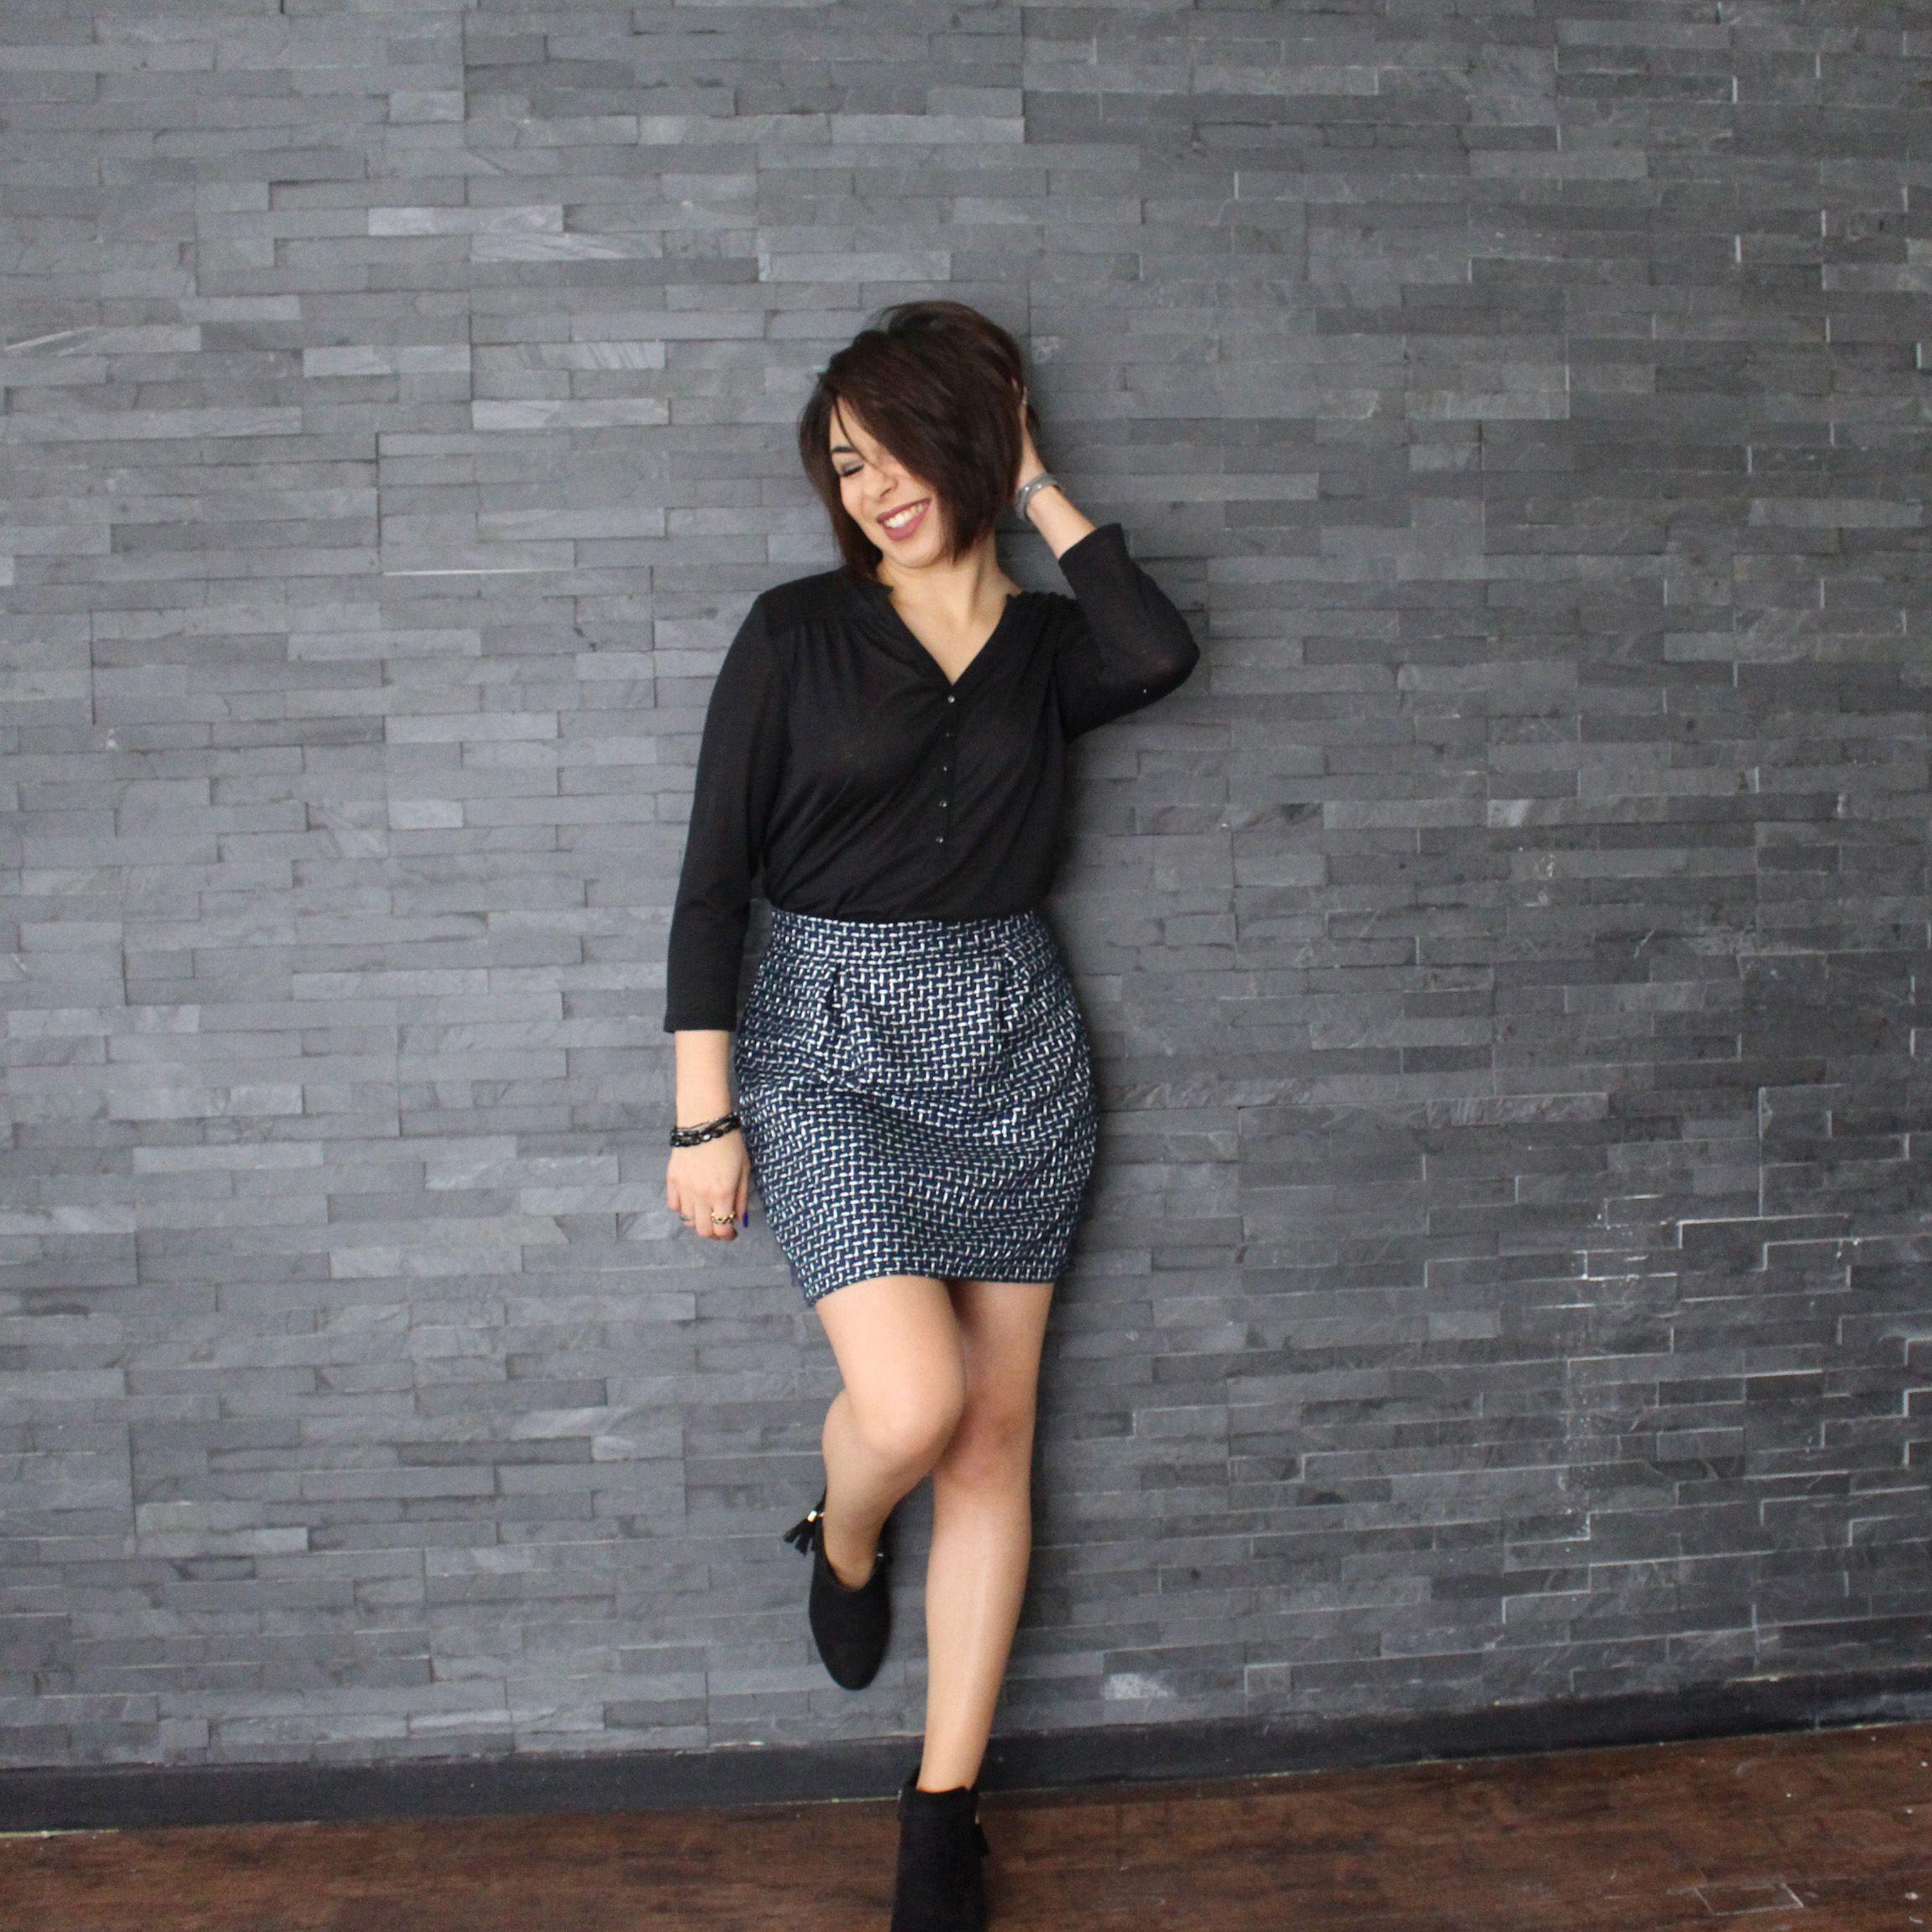 patron de jupe facile pour d buter nina patron couture mouna sew pinterest patron de. Black Bedroom Furniture Sets. Home Design Ideas